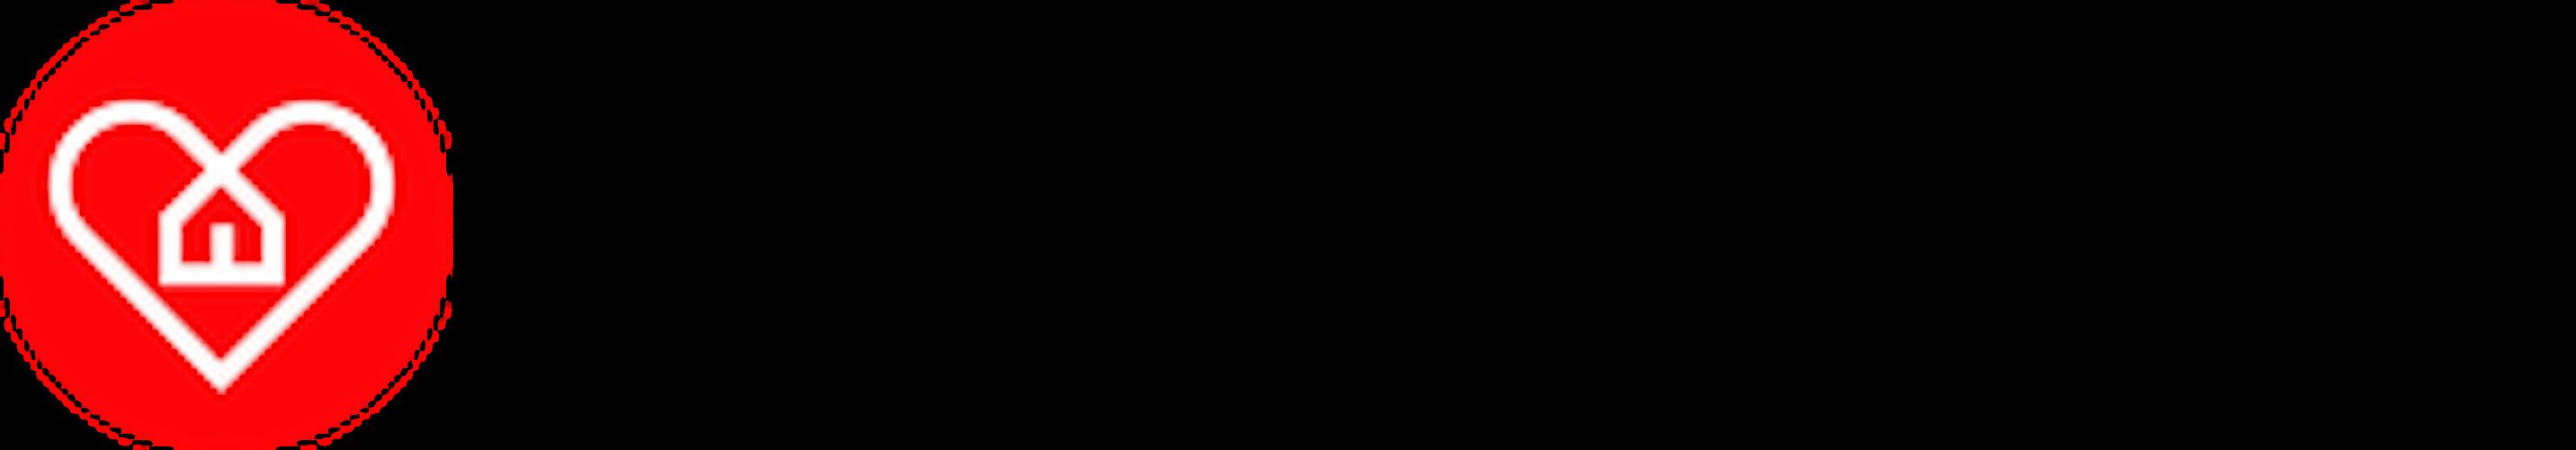 Smile Clean Bangkok Logo